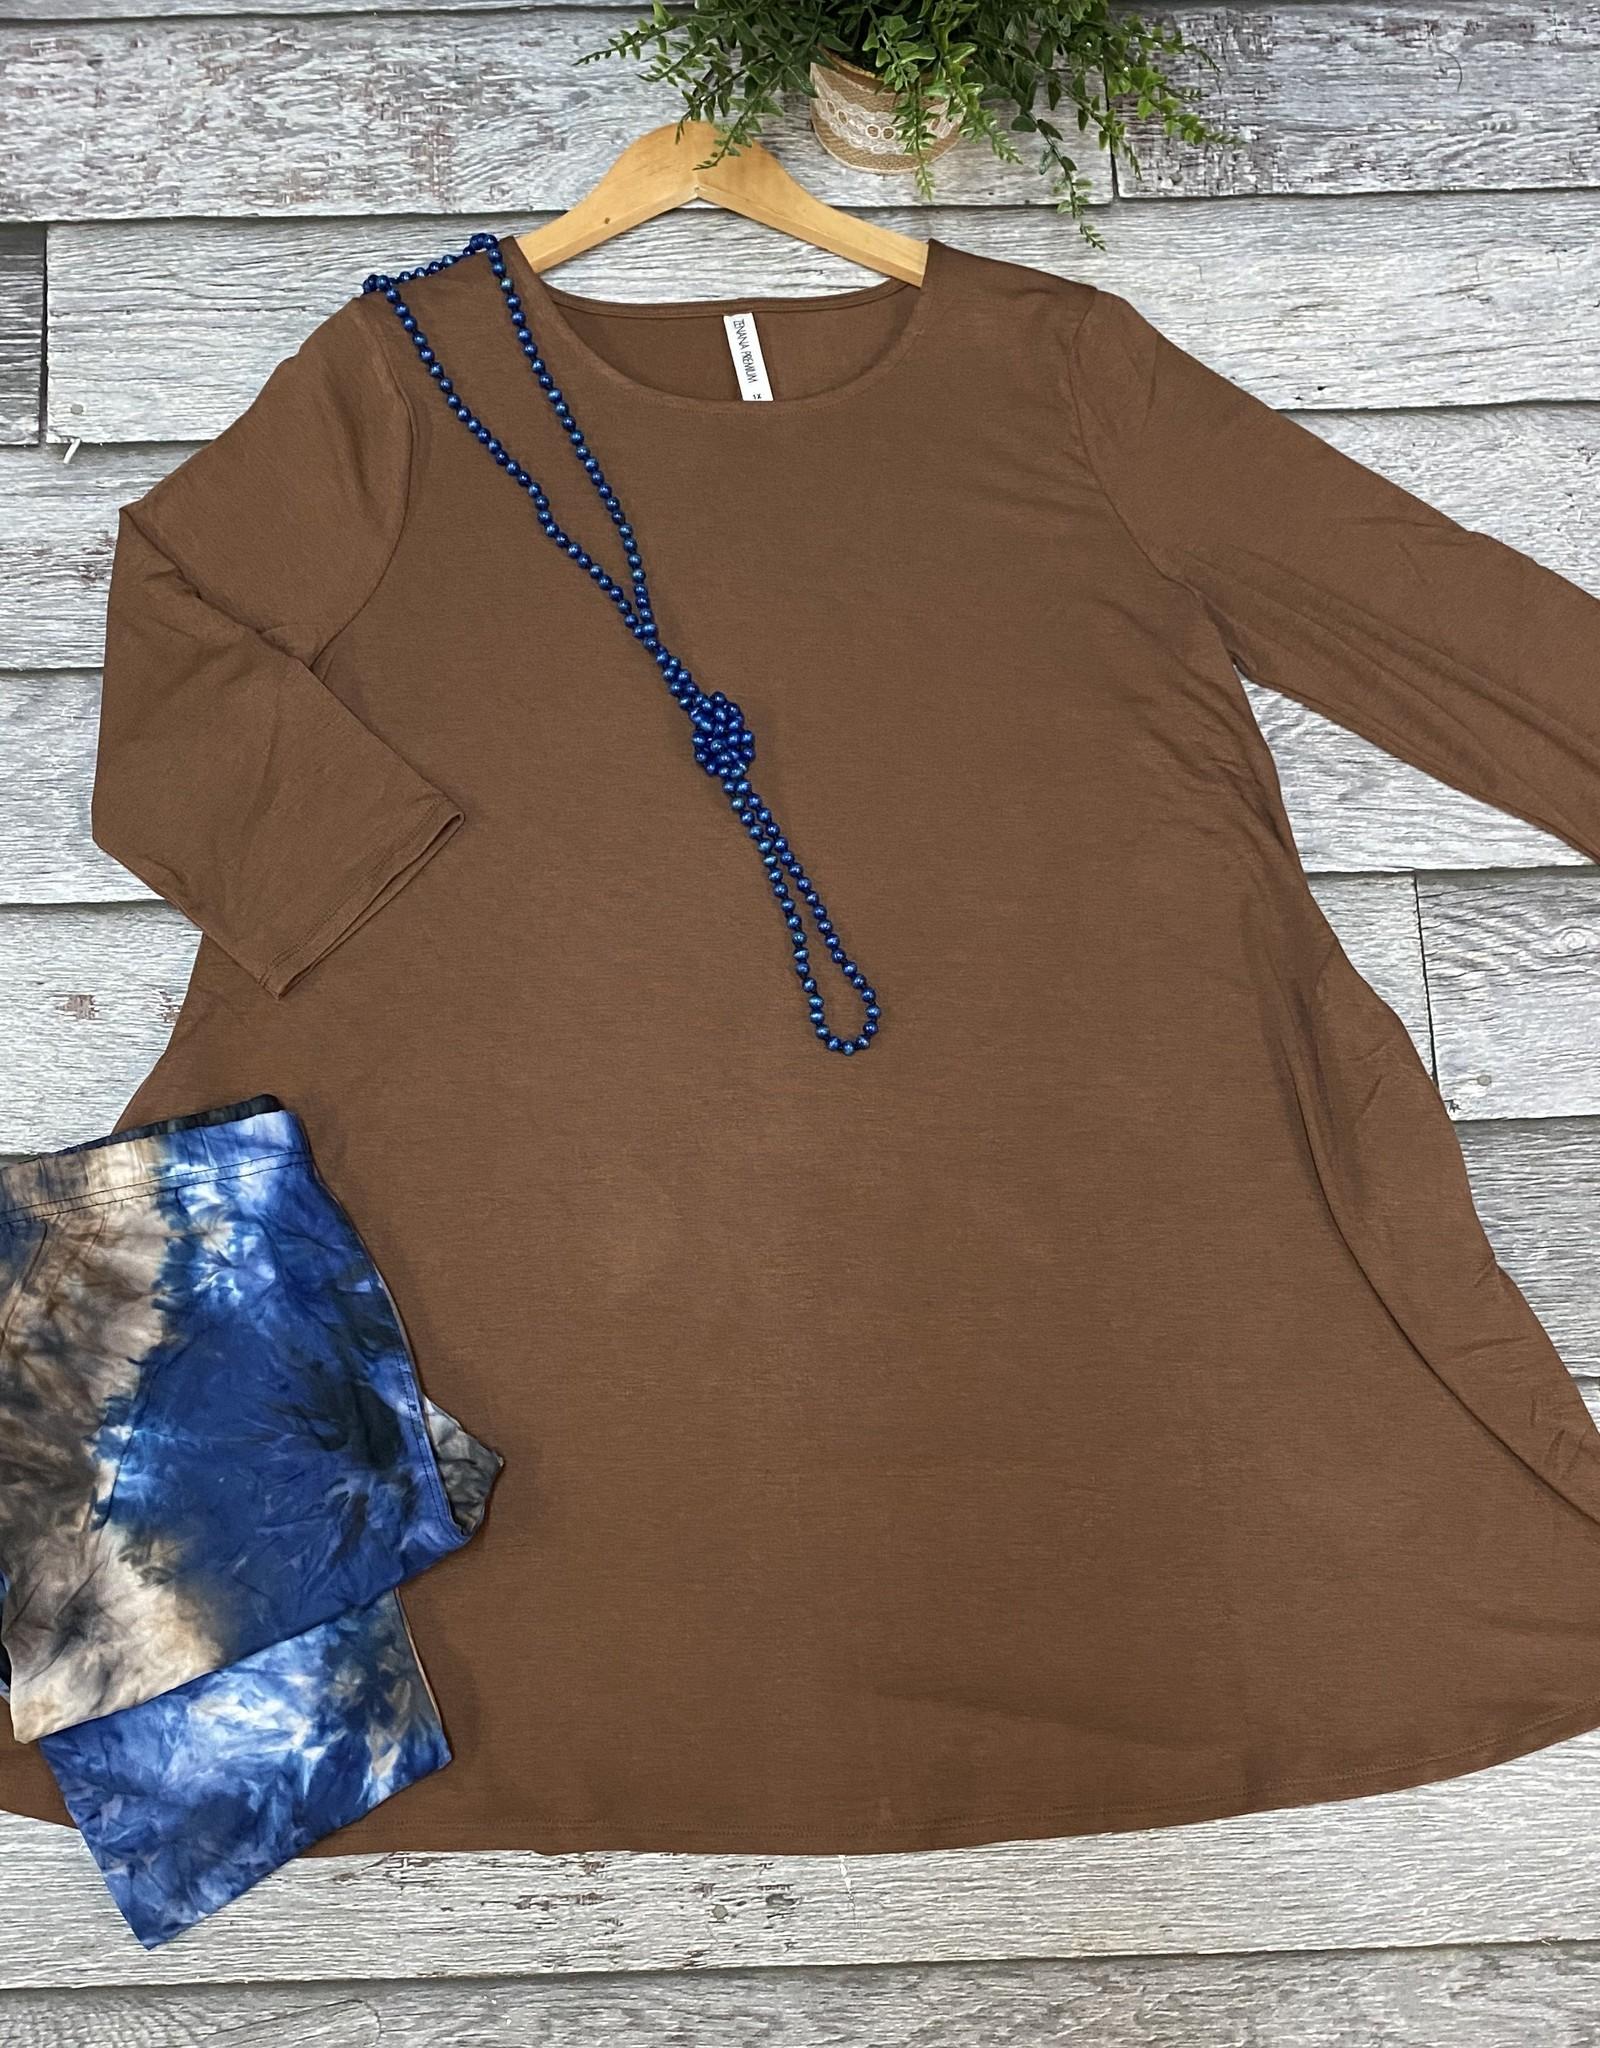 SASS Boutique Exclusive Blue/Tan Tie Dye